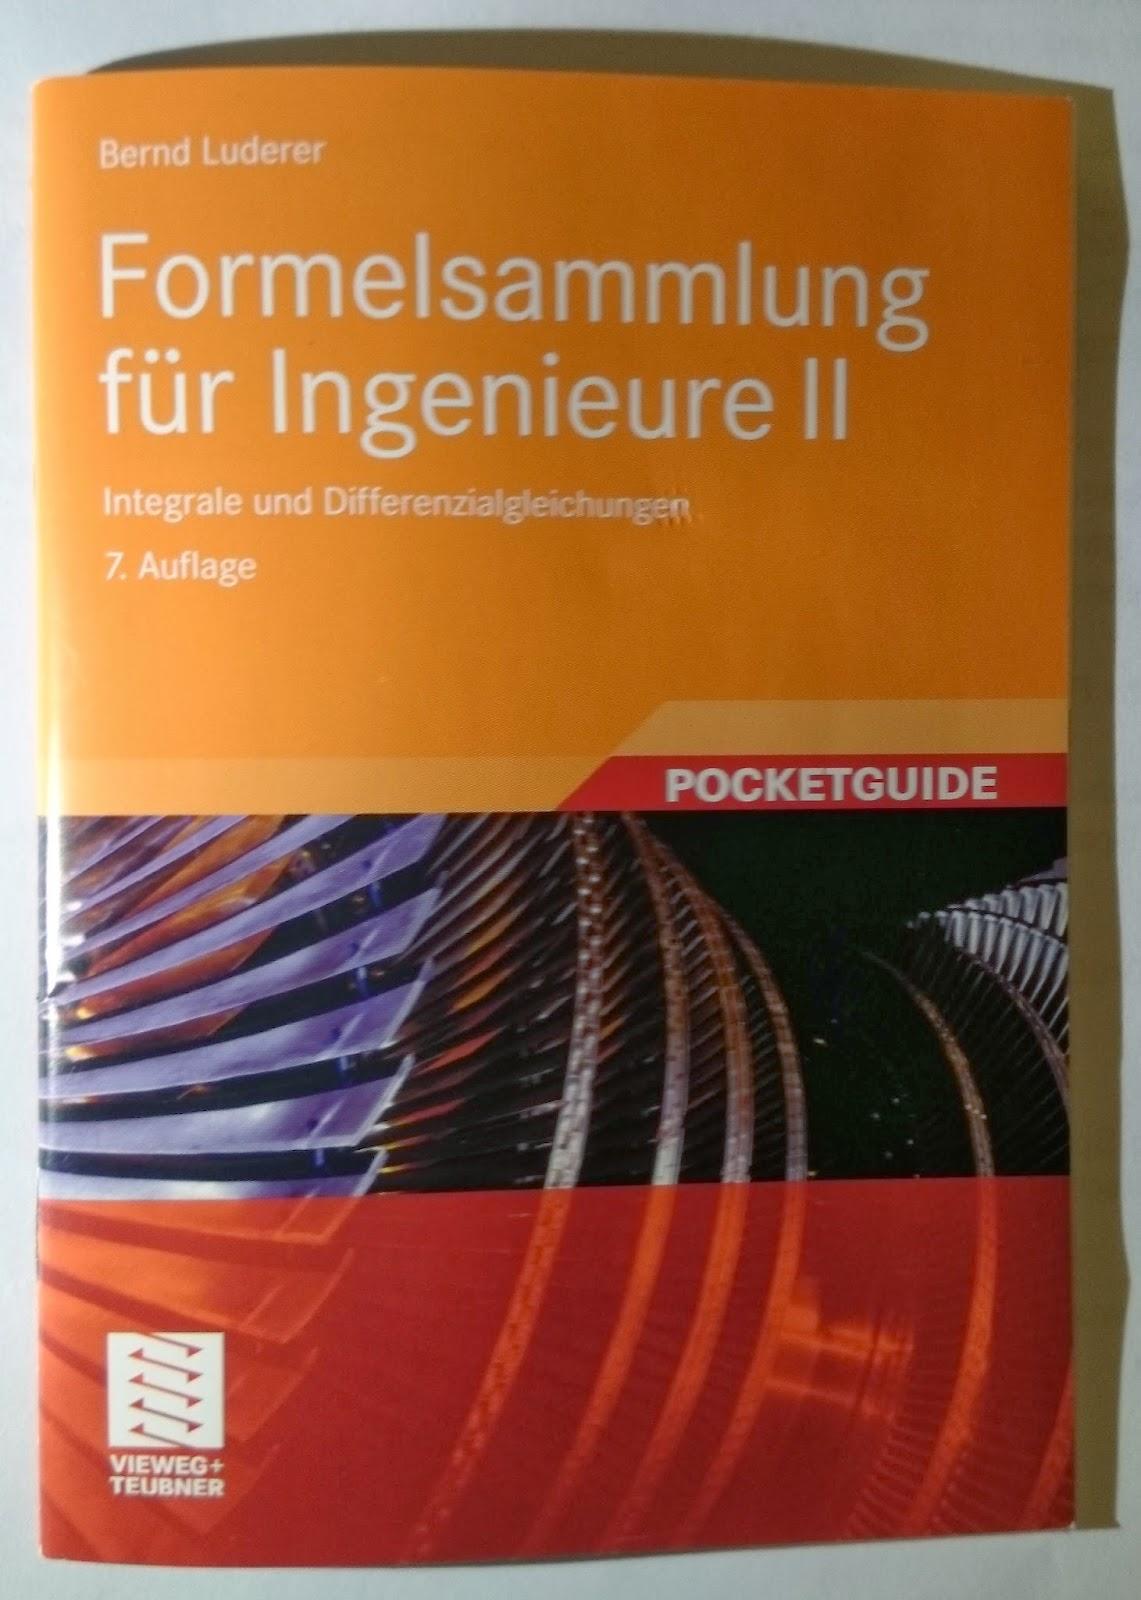 Formelsammlung für Ingenieure II